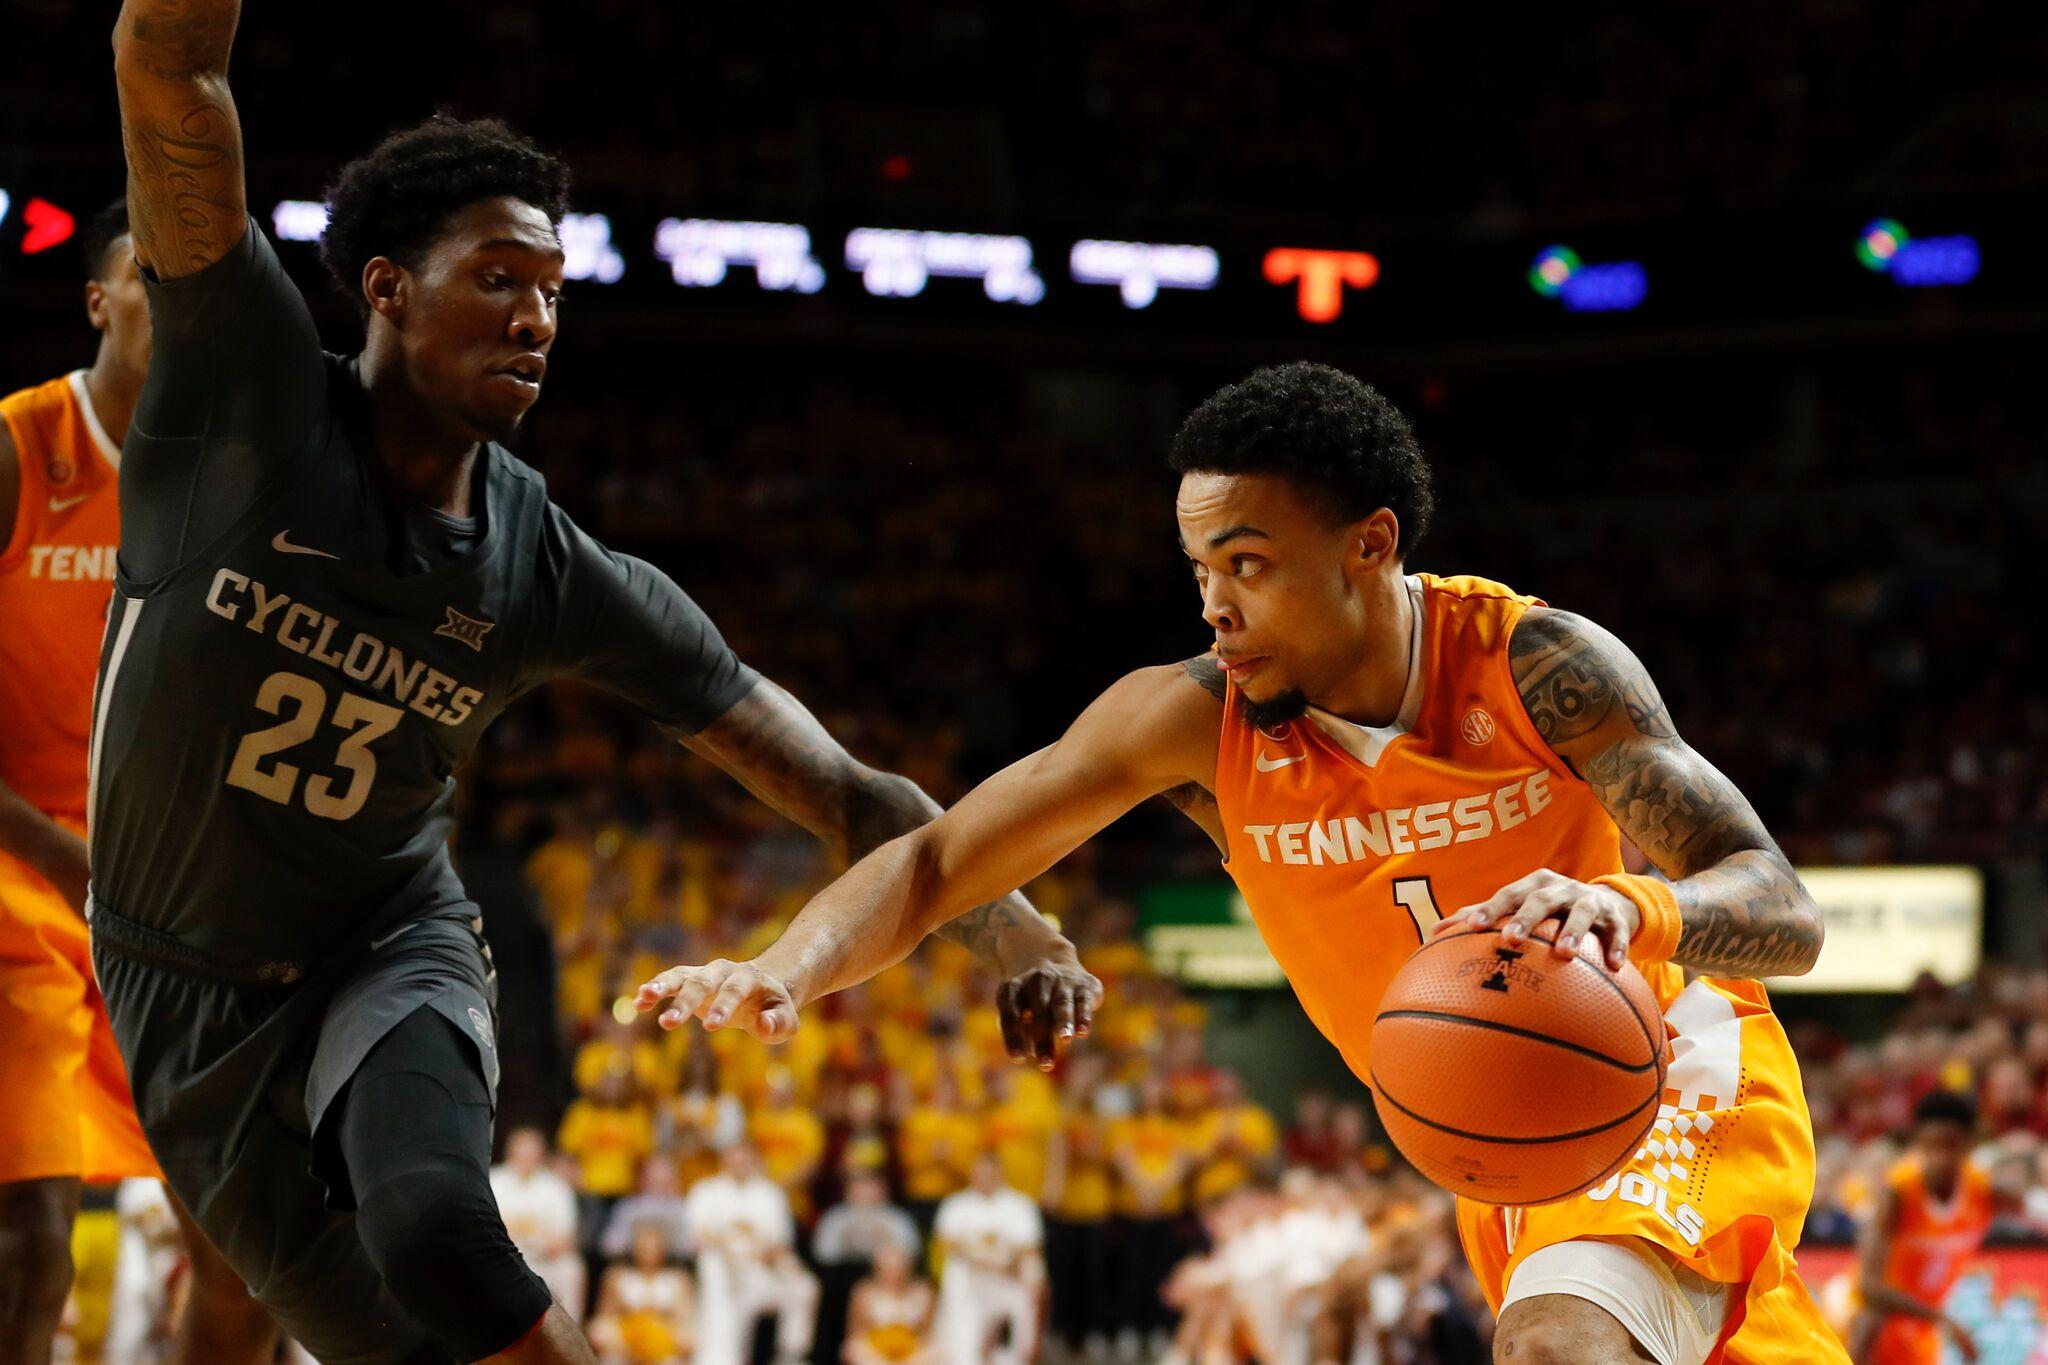 Vols Basketball - Lamonte Turner